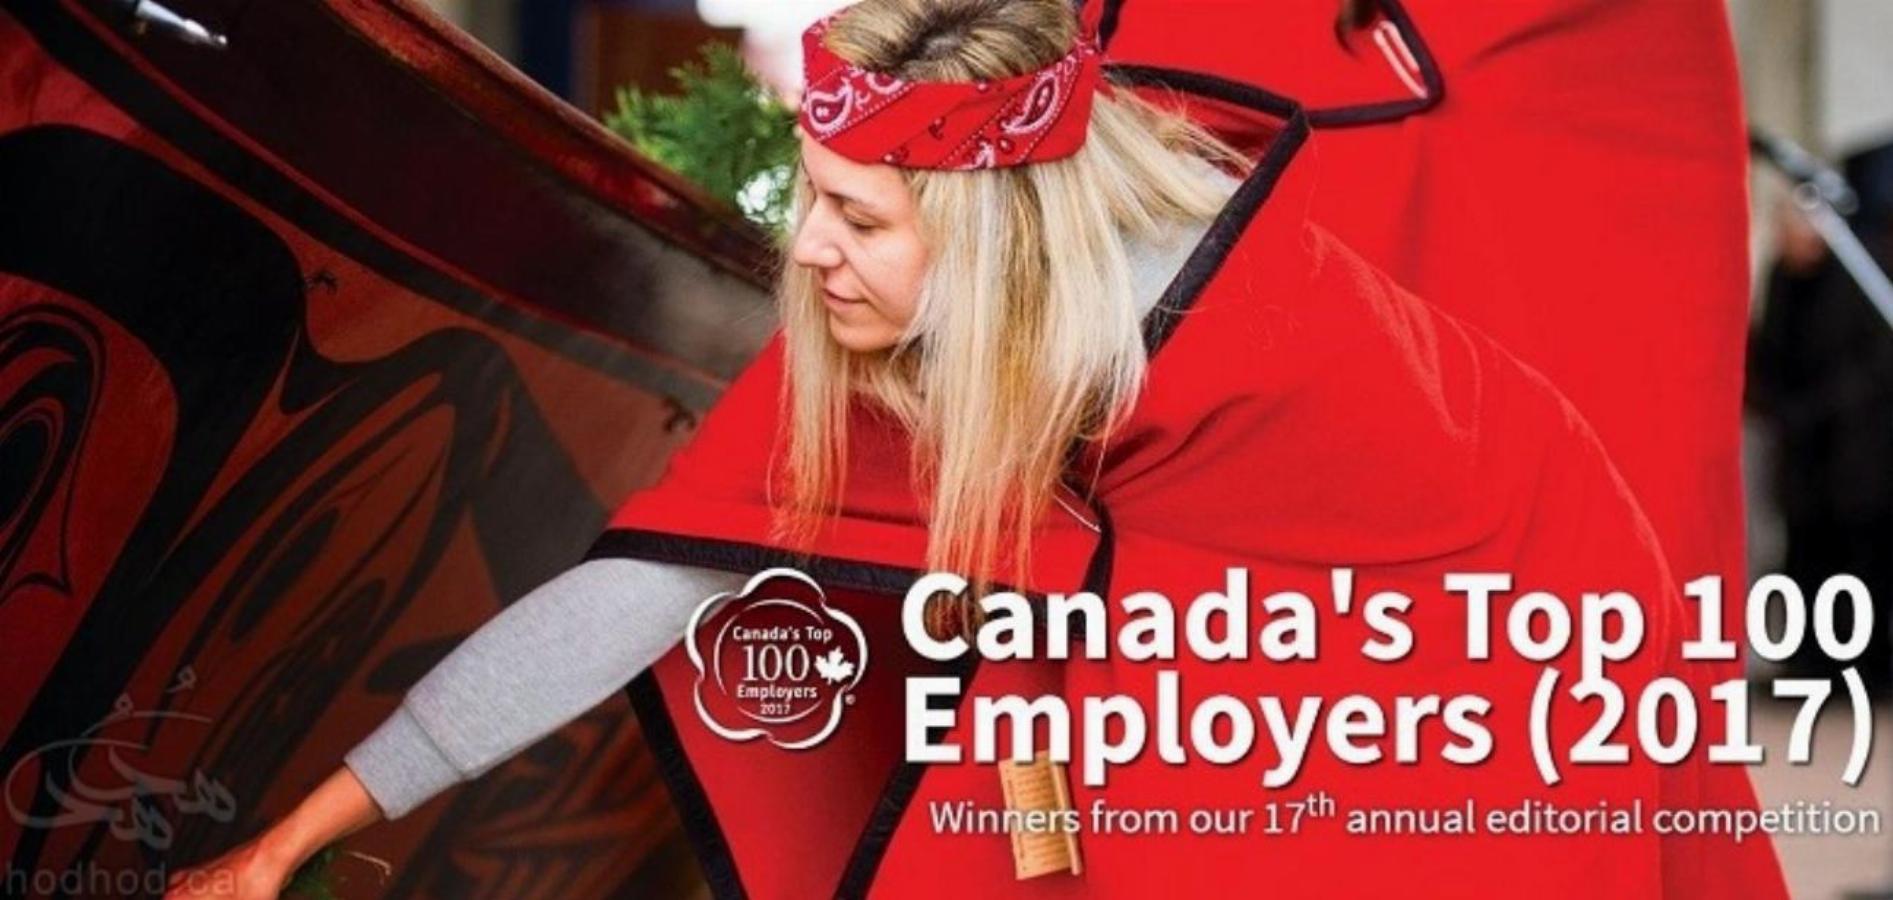 یکصد کارفرمای برتر کانادا برای کارمندان در یک مقیاس 18 ساله